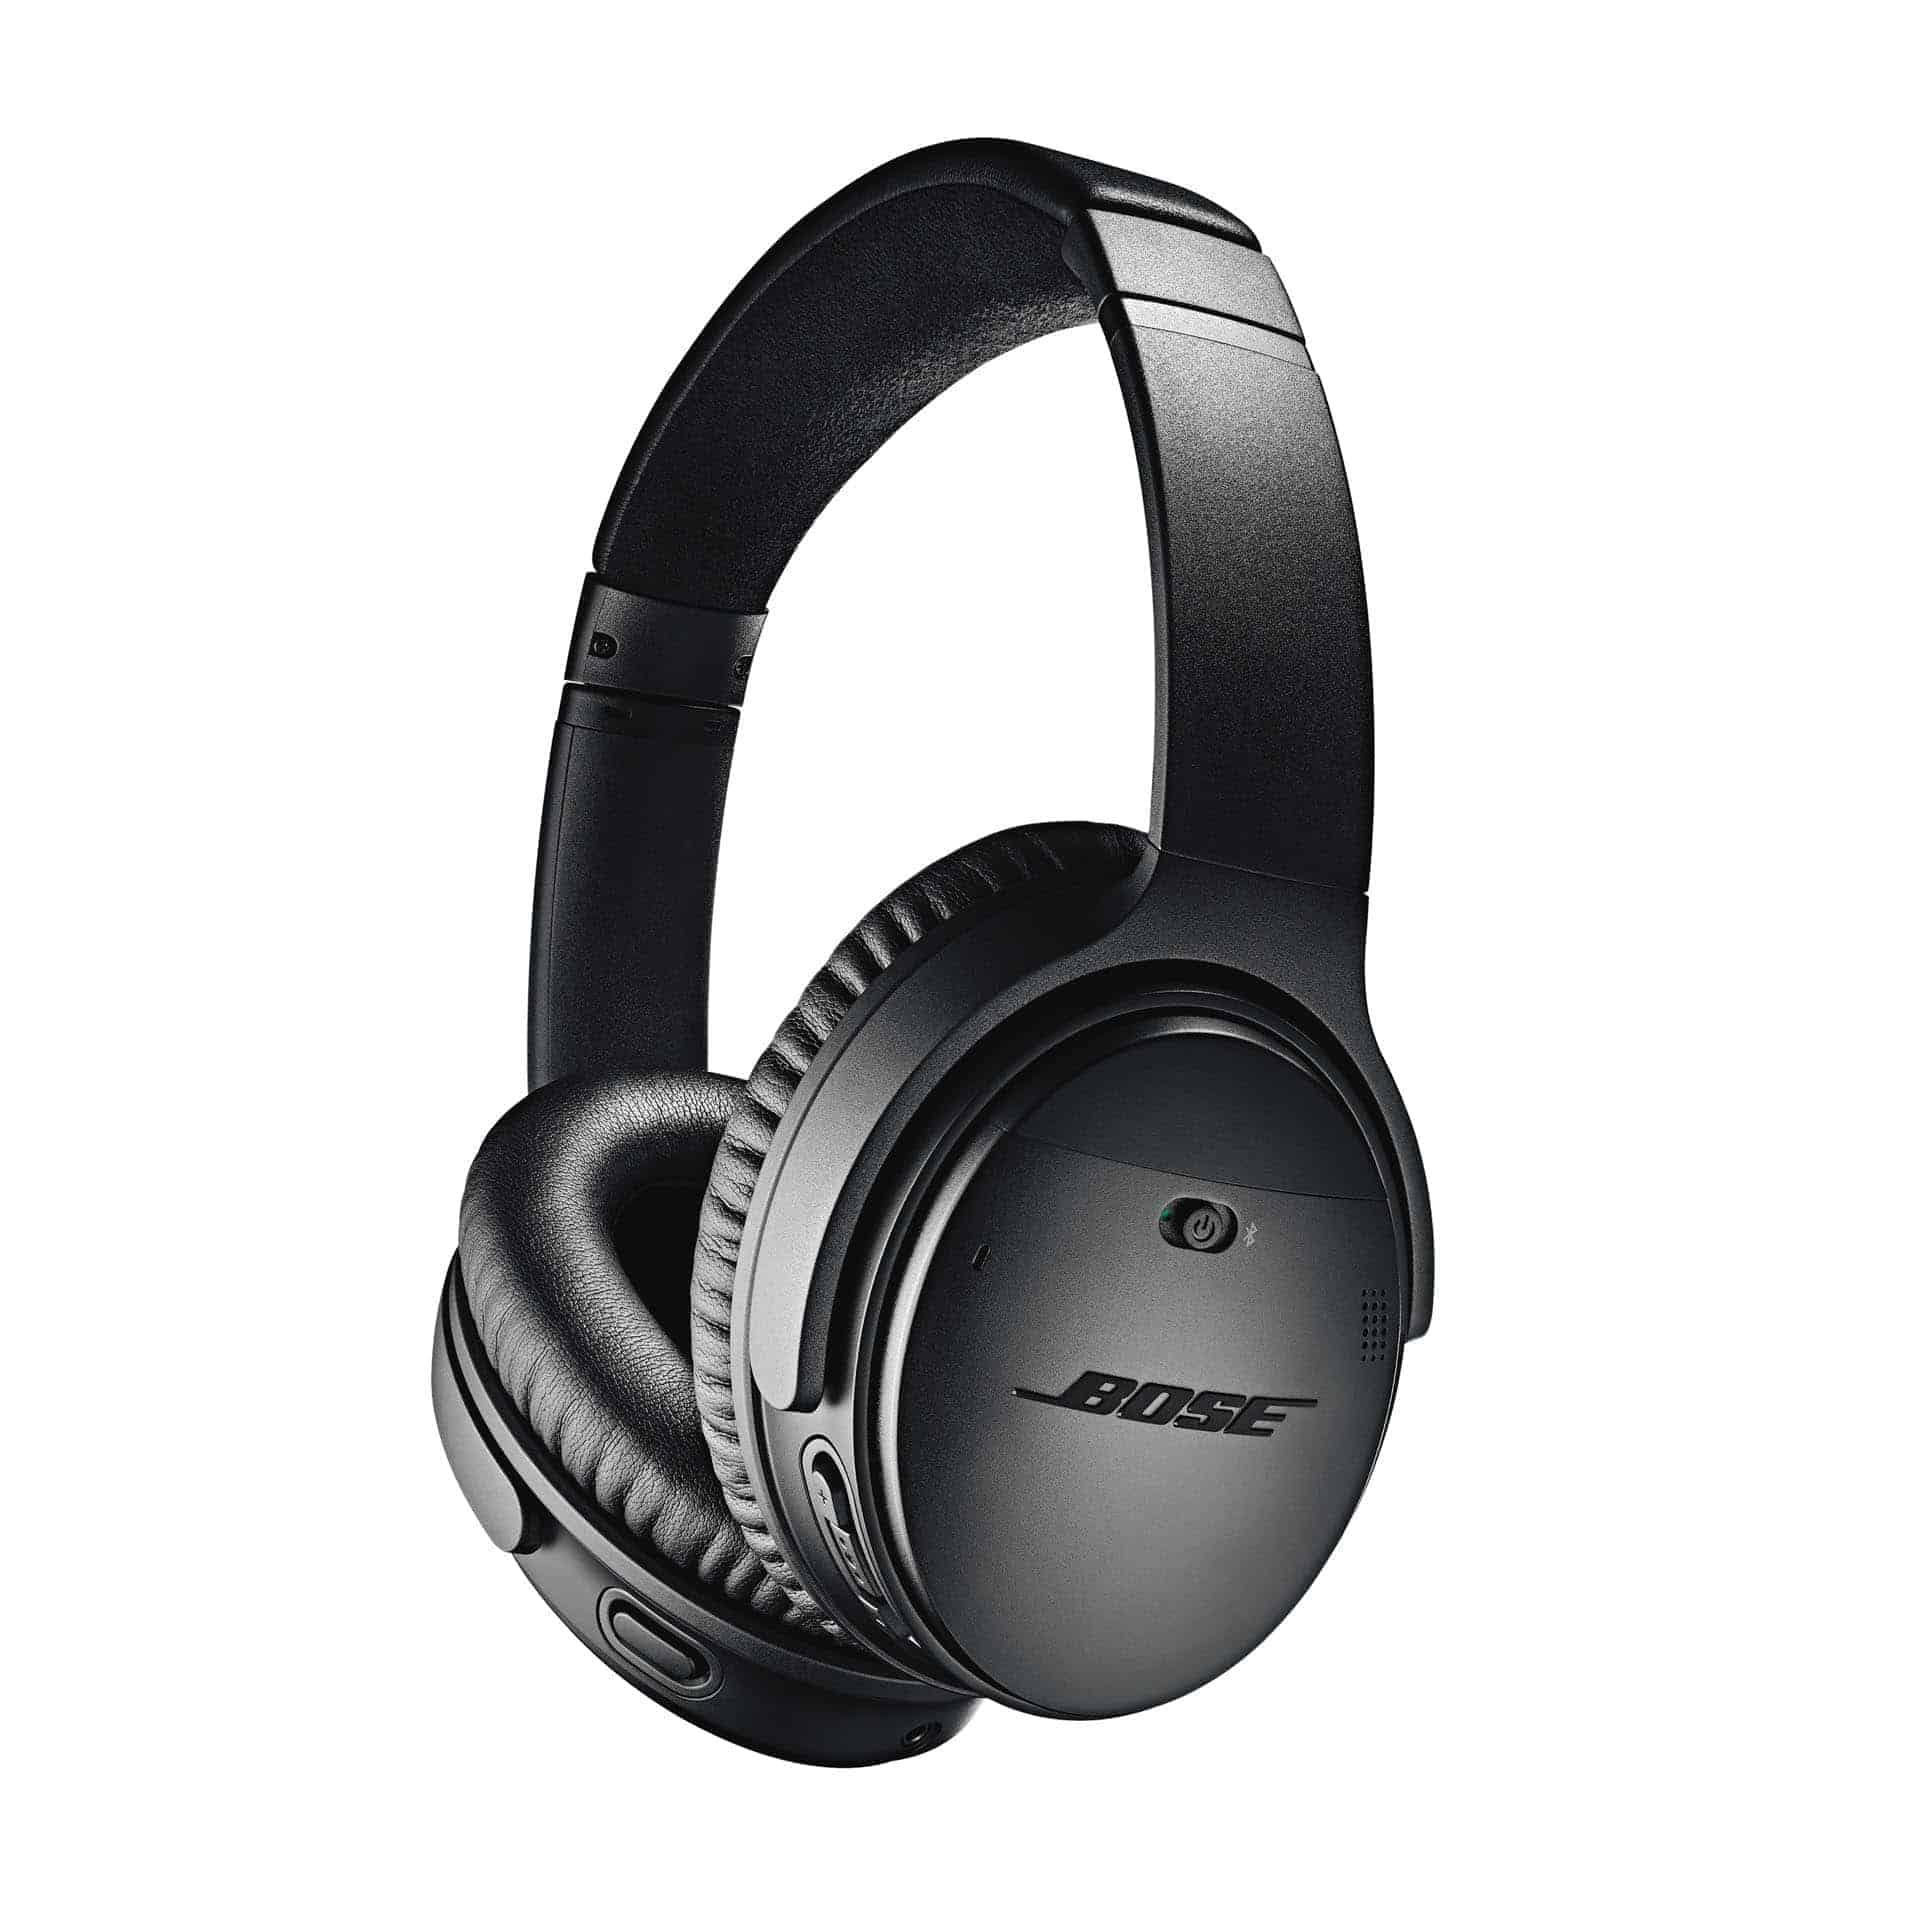 Bose QuietComfort 35 II Promo 5 of 7